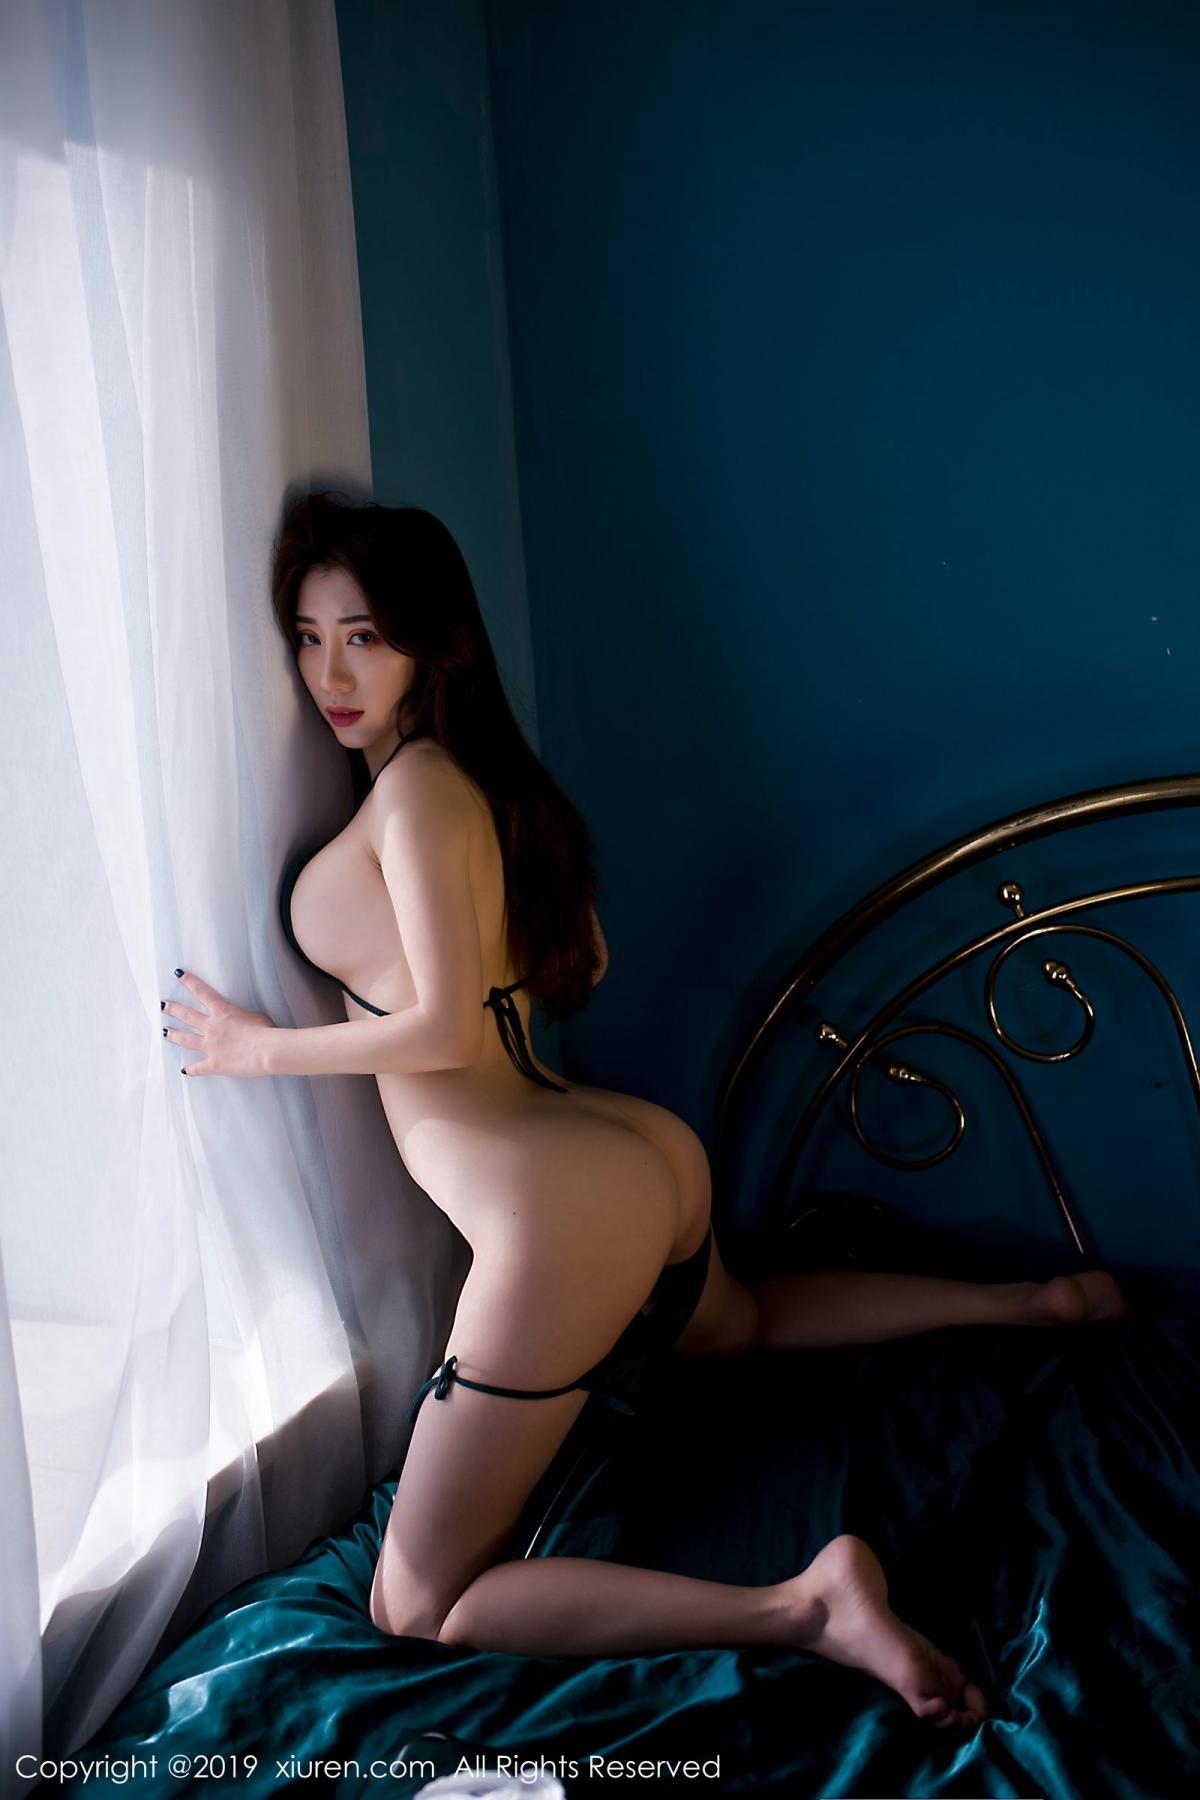 [XiuRen] Vol.1725 Zhi Zhi 2 8P, Underwear, Xiuren, Zhi Zhi